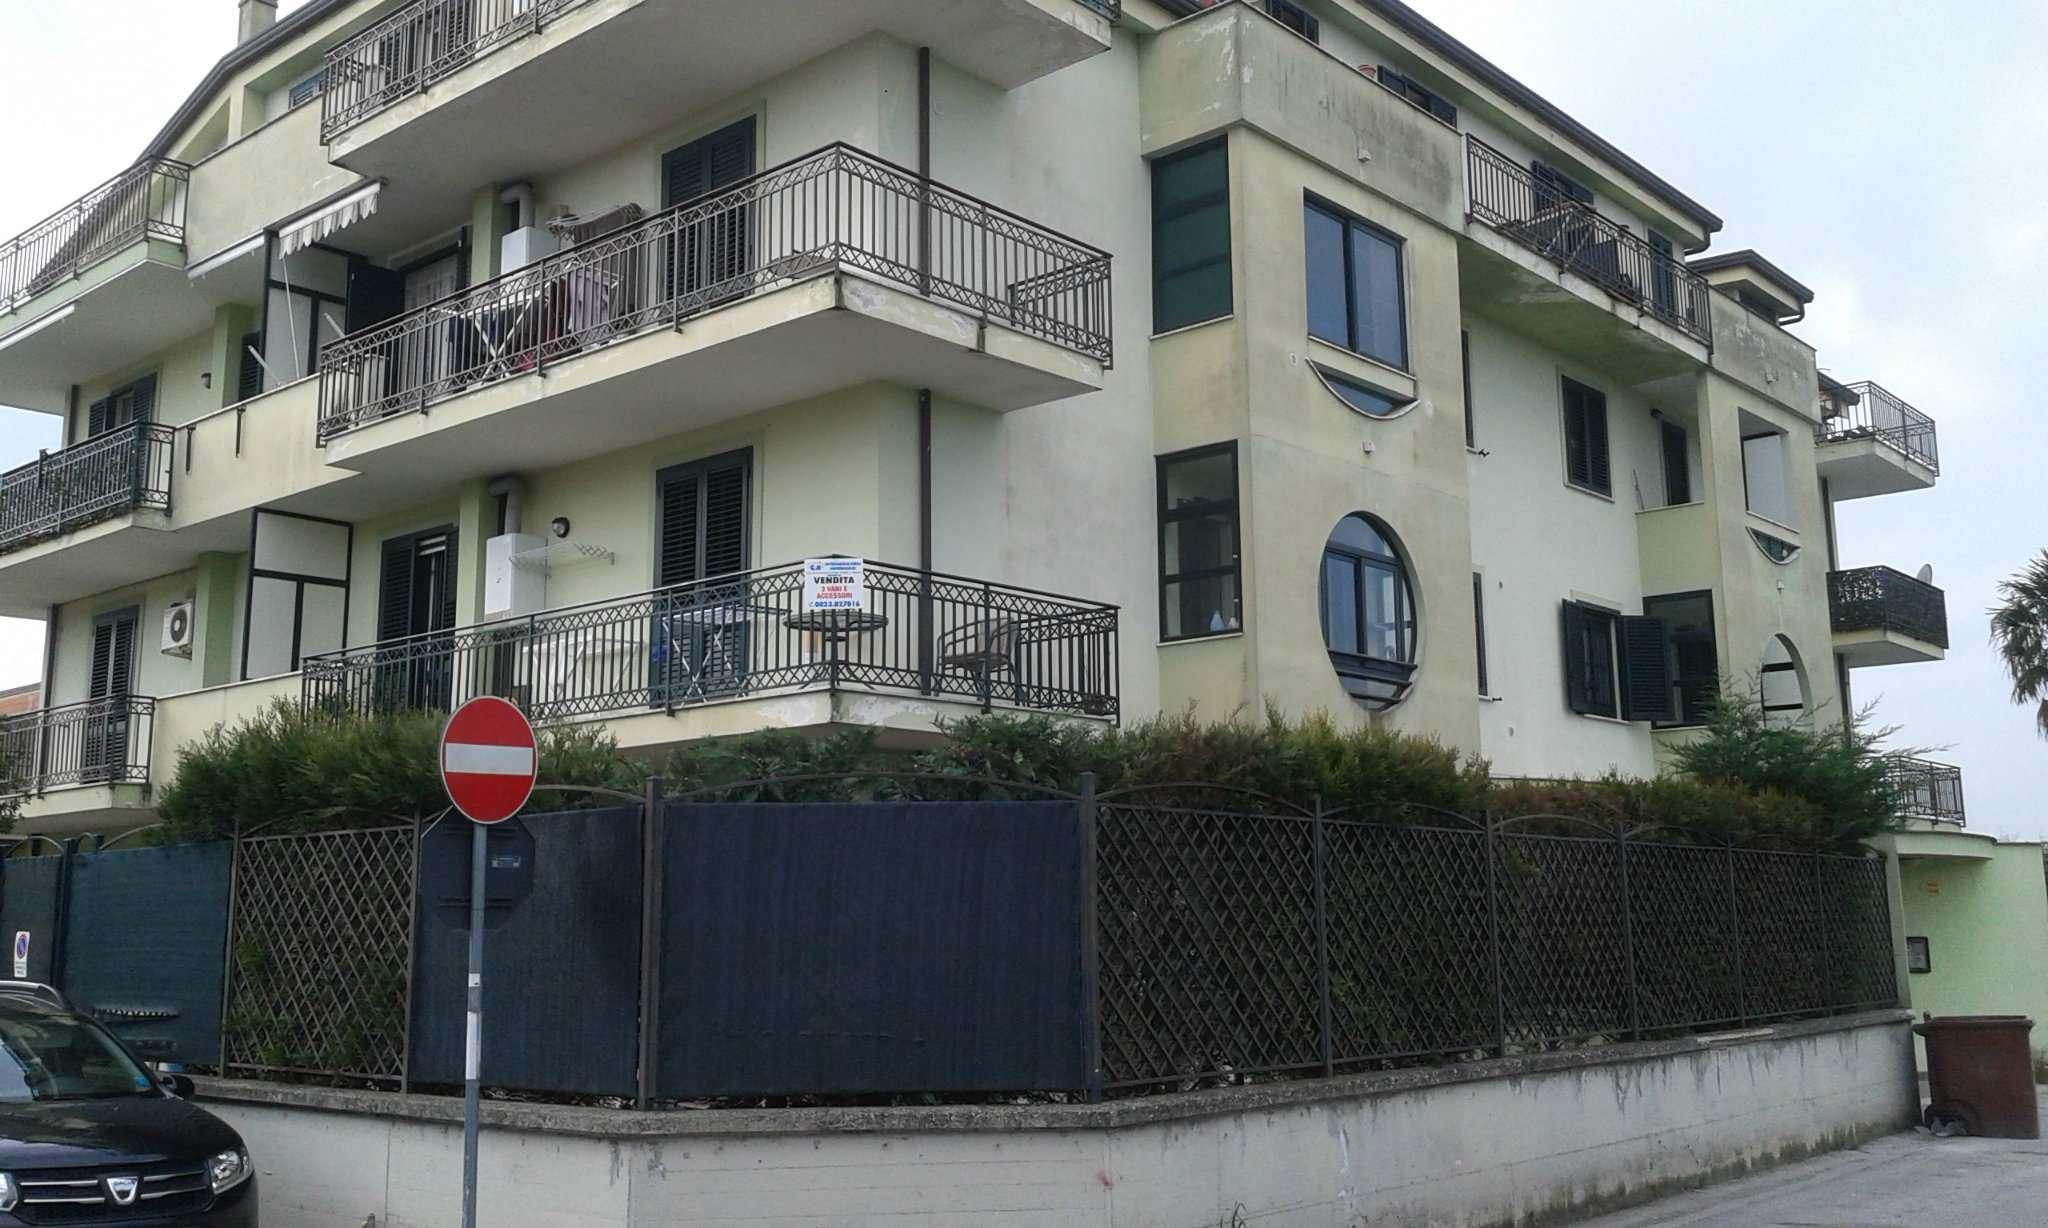 Appartamento in vendita a Capodrise, 3 locali, prezzo € 120.000 | CambioCasa.it